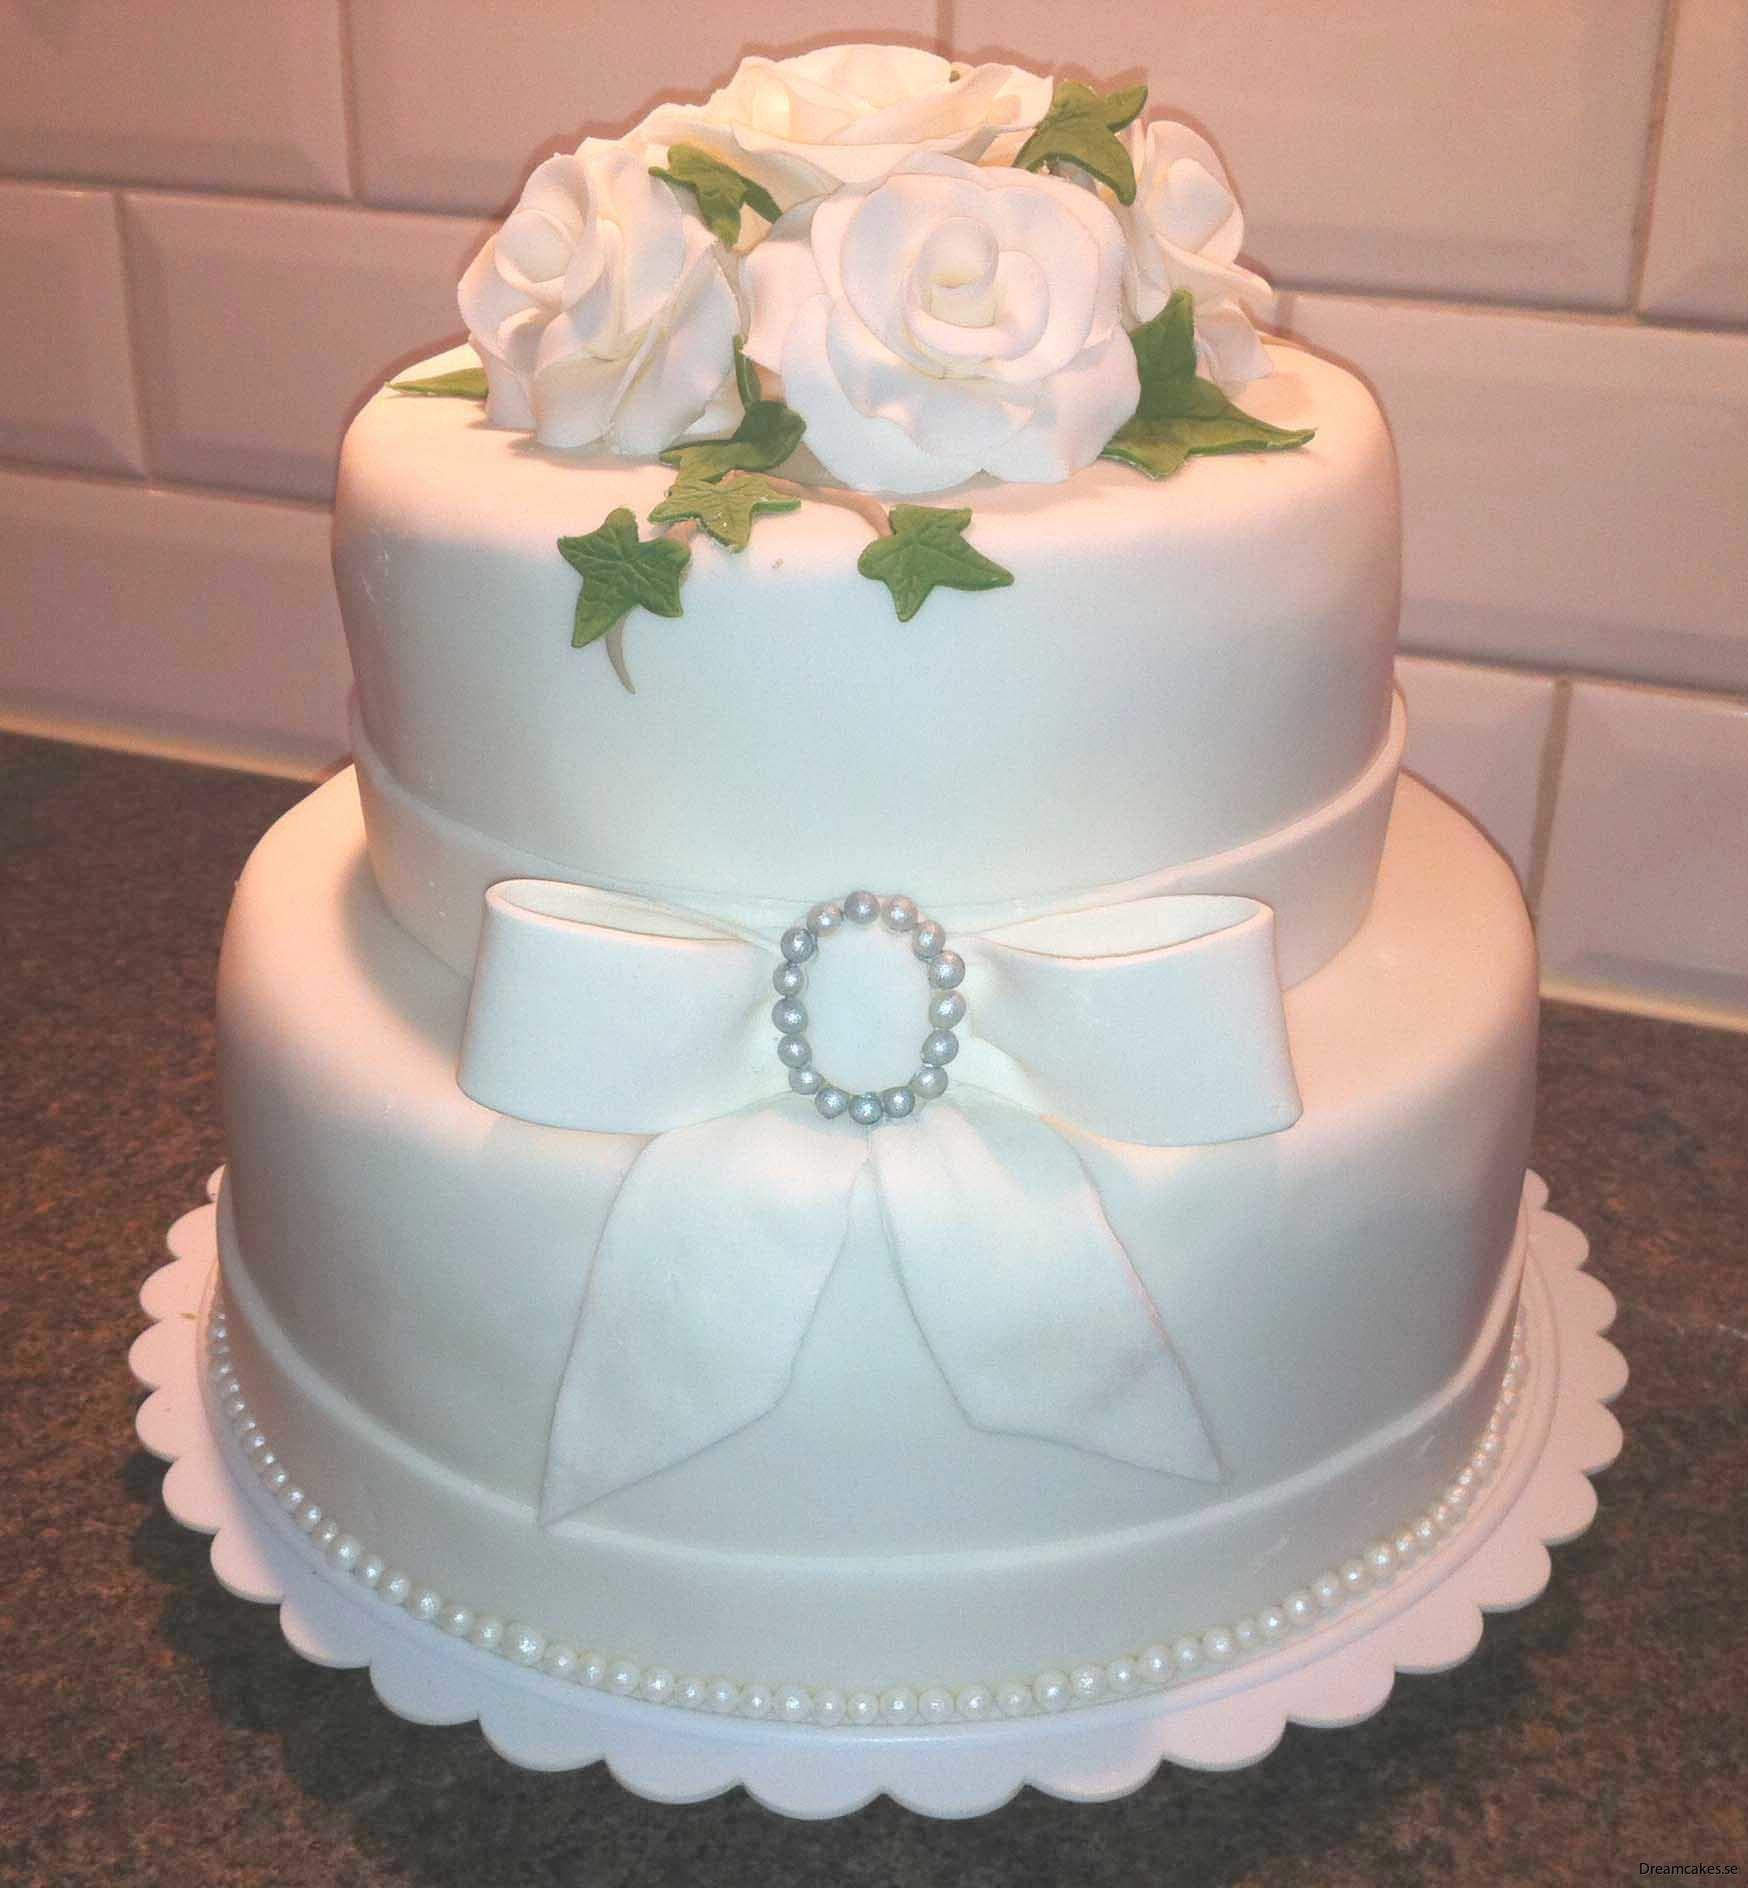 Vit sockerpasta/fondant till tårttäcke på bröllopstårta och festtårta